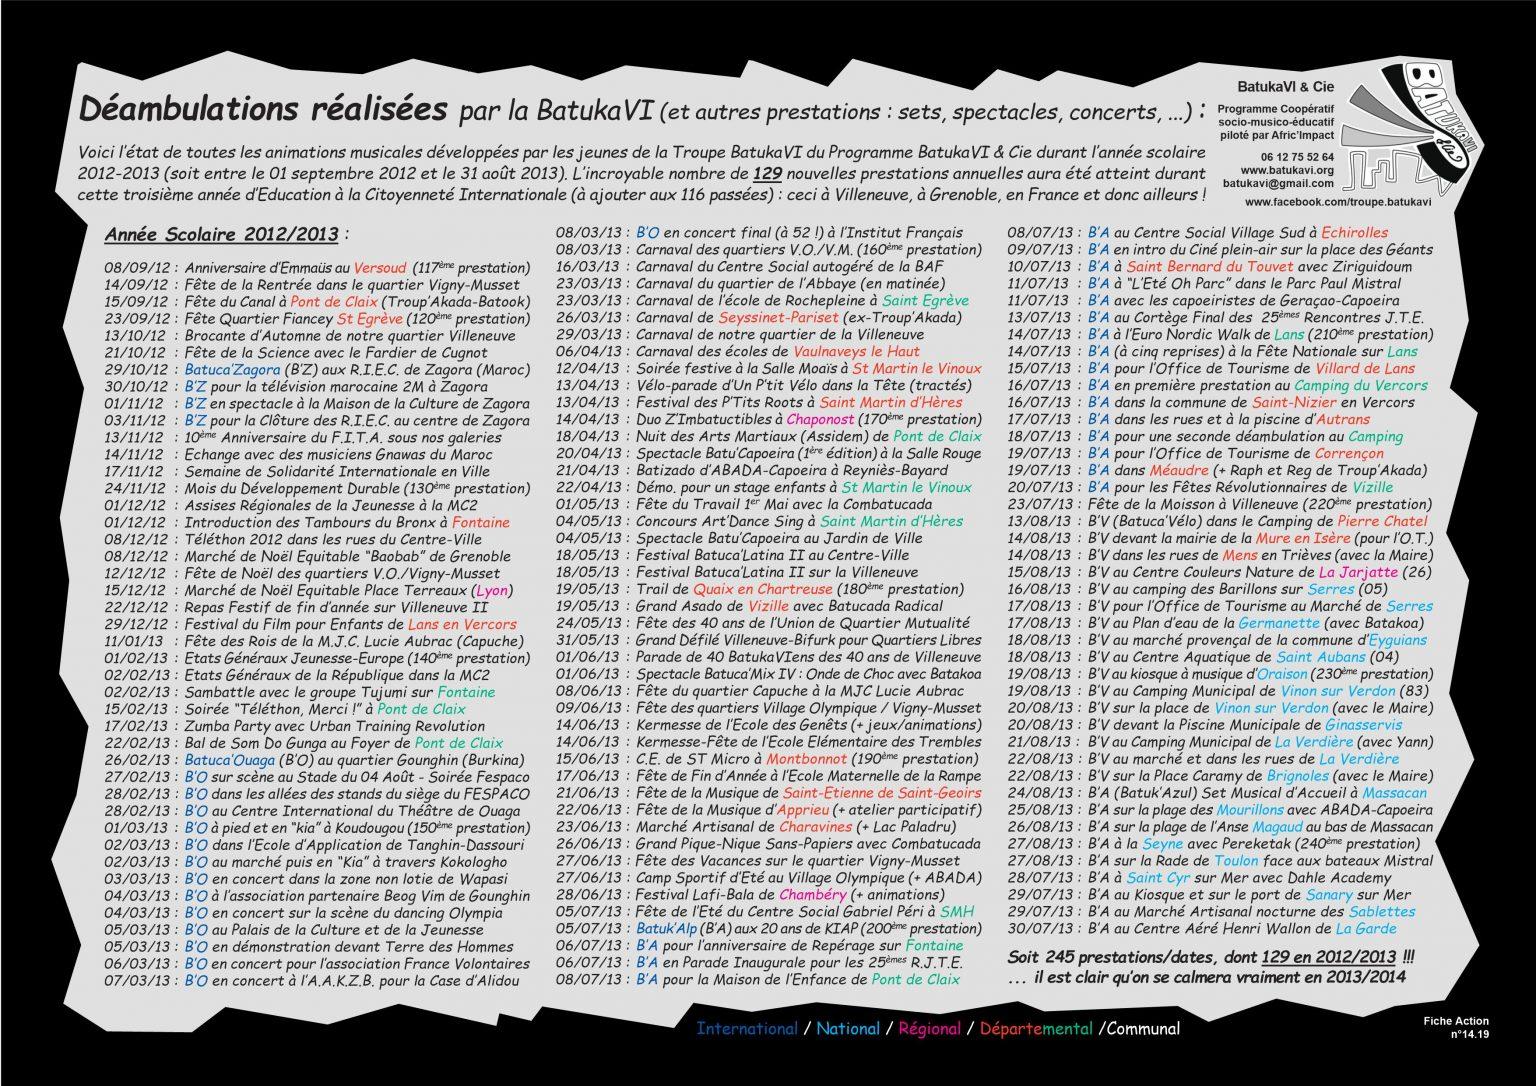 BatukaVI - F.A. 14.19 - Liste des Déambulations Réalisées 2012-2013